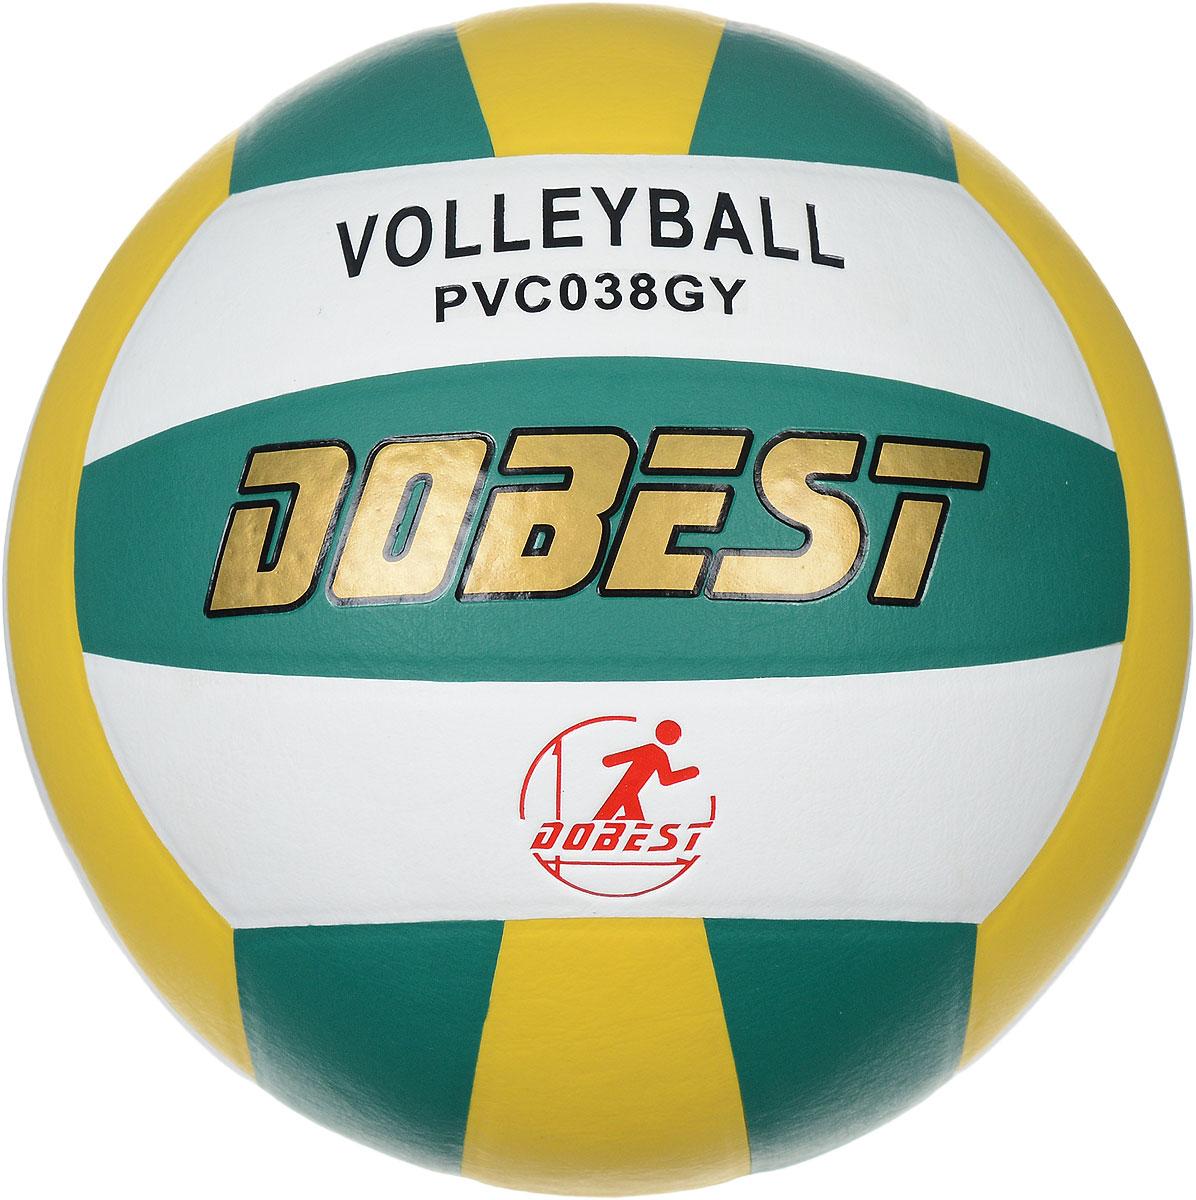 Мяч волейбольный Dobest, цвет: белый, зеленый, желтый. Размер 5120335_red/whiteВолейбольный мяч Dobest подойдет для любительской игры на улице и в зале. Изделие выполнено из прочного поливинилхлорида, камера - резина. Панели клееные.Количество панелей: 18.Количество слоев: 4.Вес: 260-280 г.УВАЖЕМЫЕ КЛИЕНТЫ!Обращаем ваше внимание на тот факт, что мяч поставляется в сдутом виде. Насос не входит в комплект.